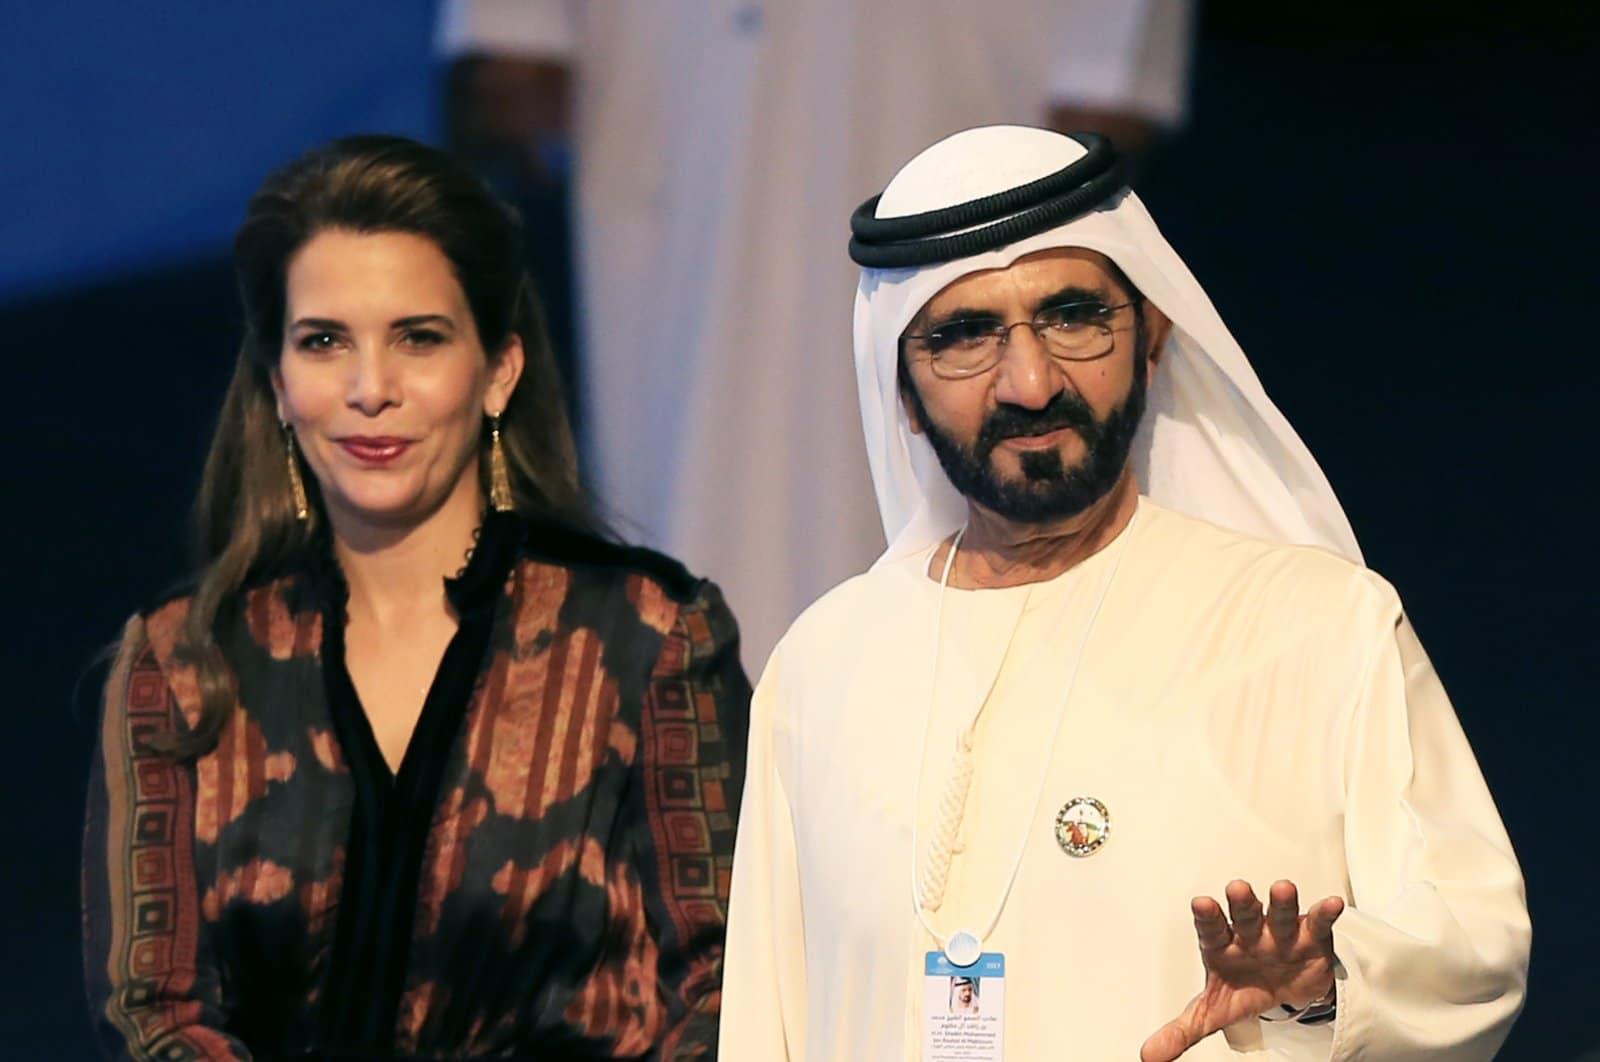 حاكم دبي محمد بن راشد أمر باختراق هواتف زوجته الأميرة الأردنية هيا الحسين ومحاميتها وفريقها الأمني